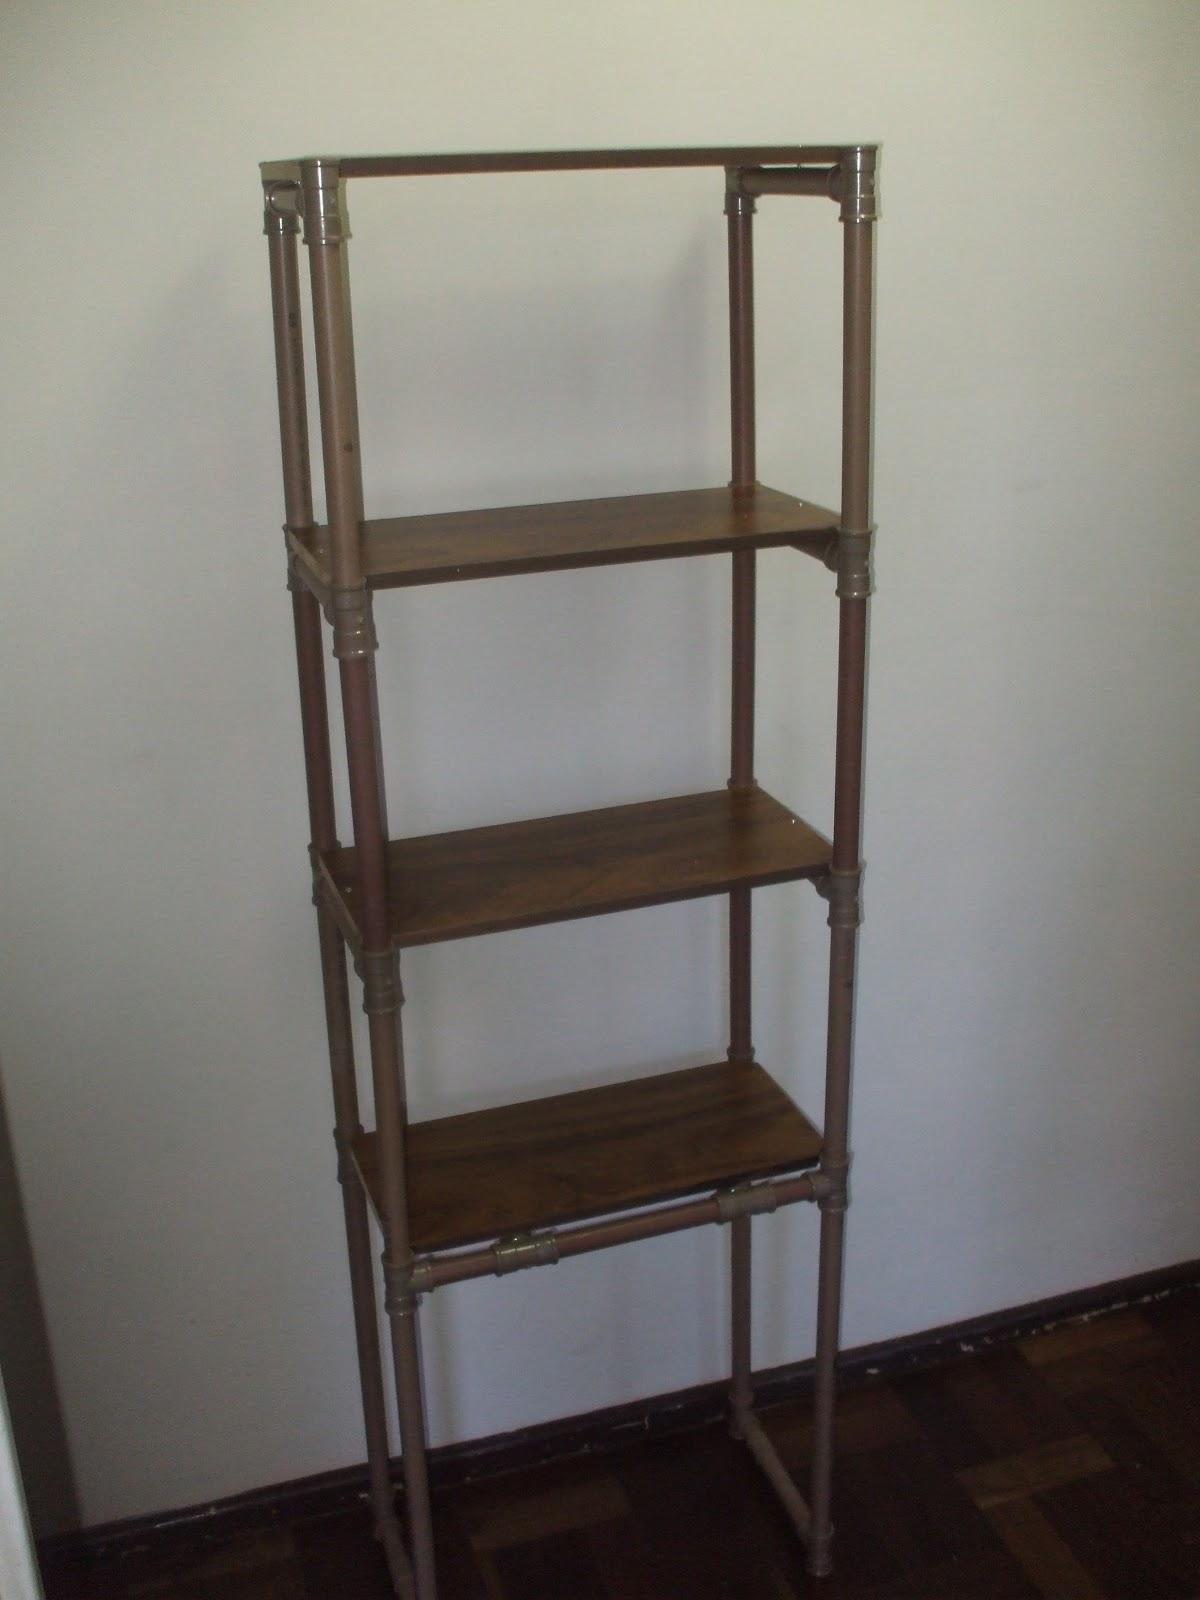 oi a dica de hoje é para quem precisa de uma estante para organizar  #2D231F 1200x1600